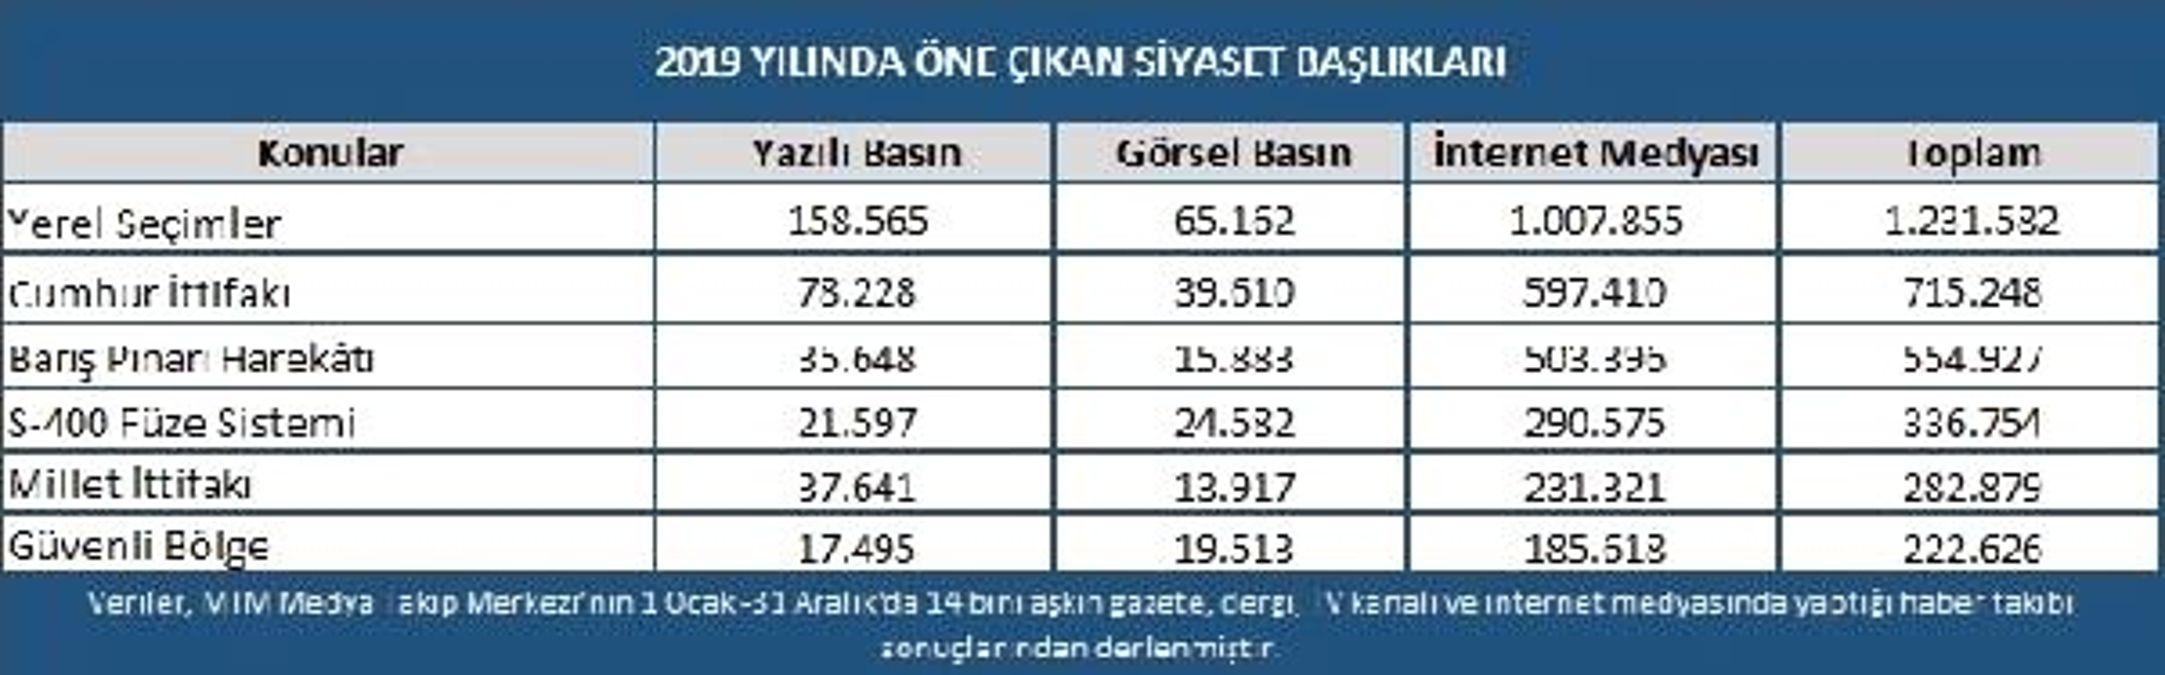 2019 yılında en çok yerel seçimler ve Barış Pınarı konuşuldu